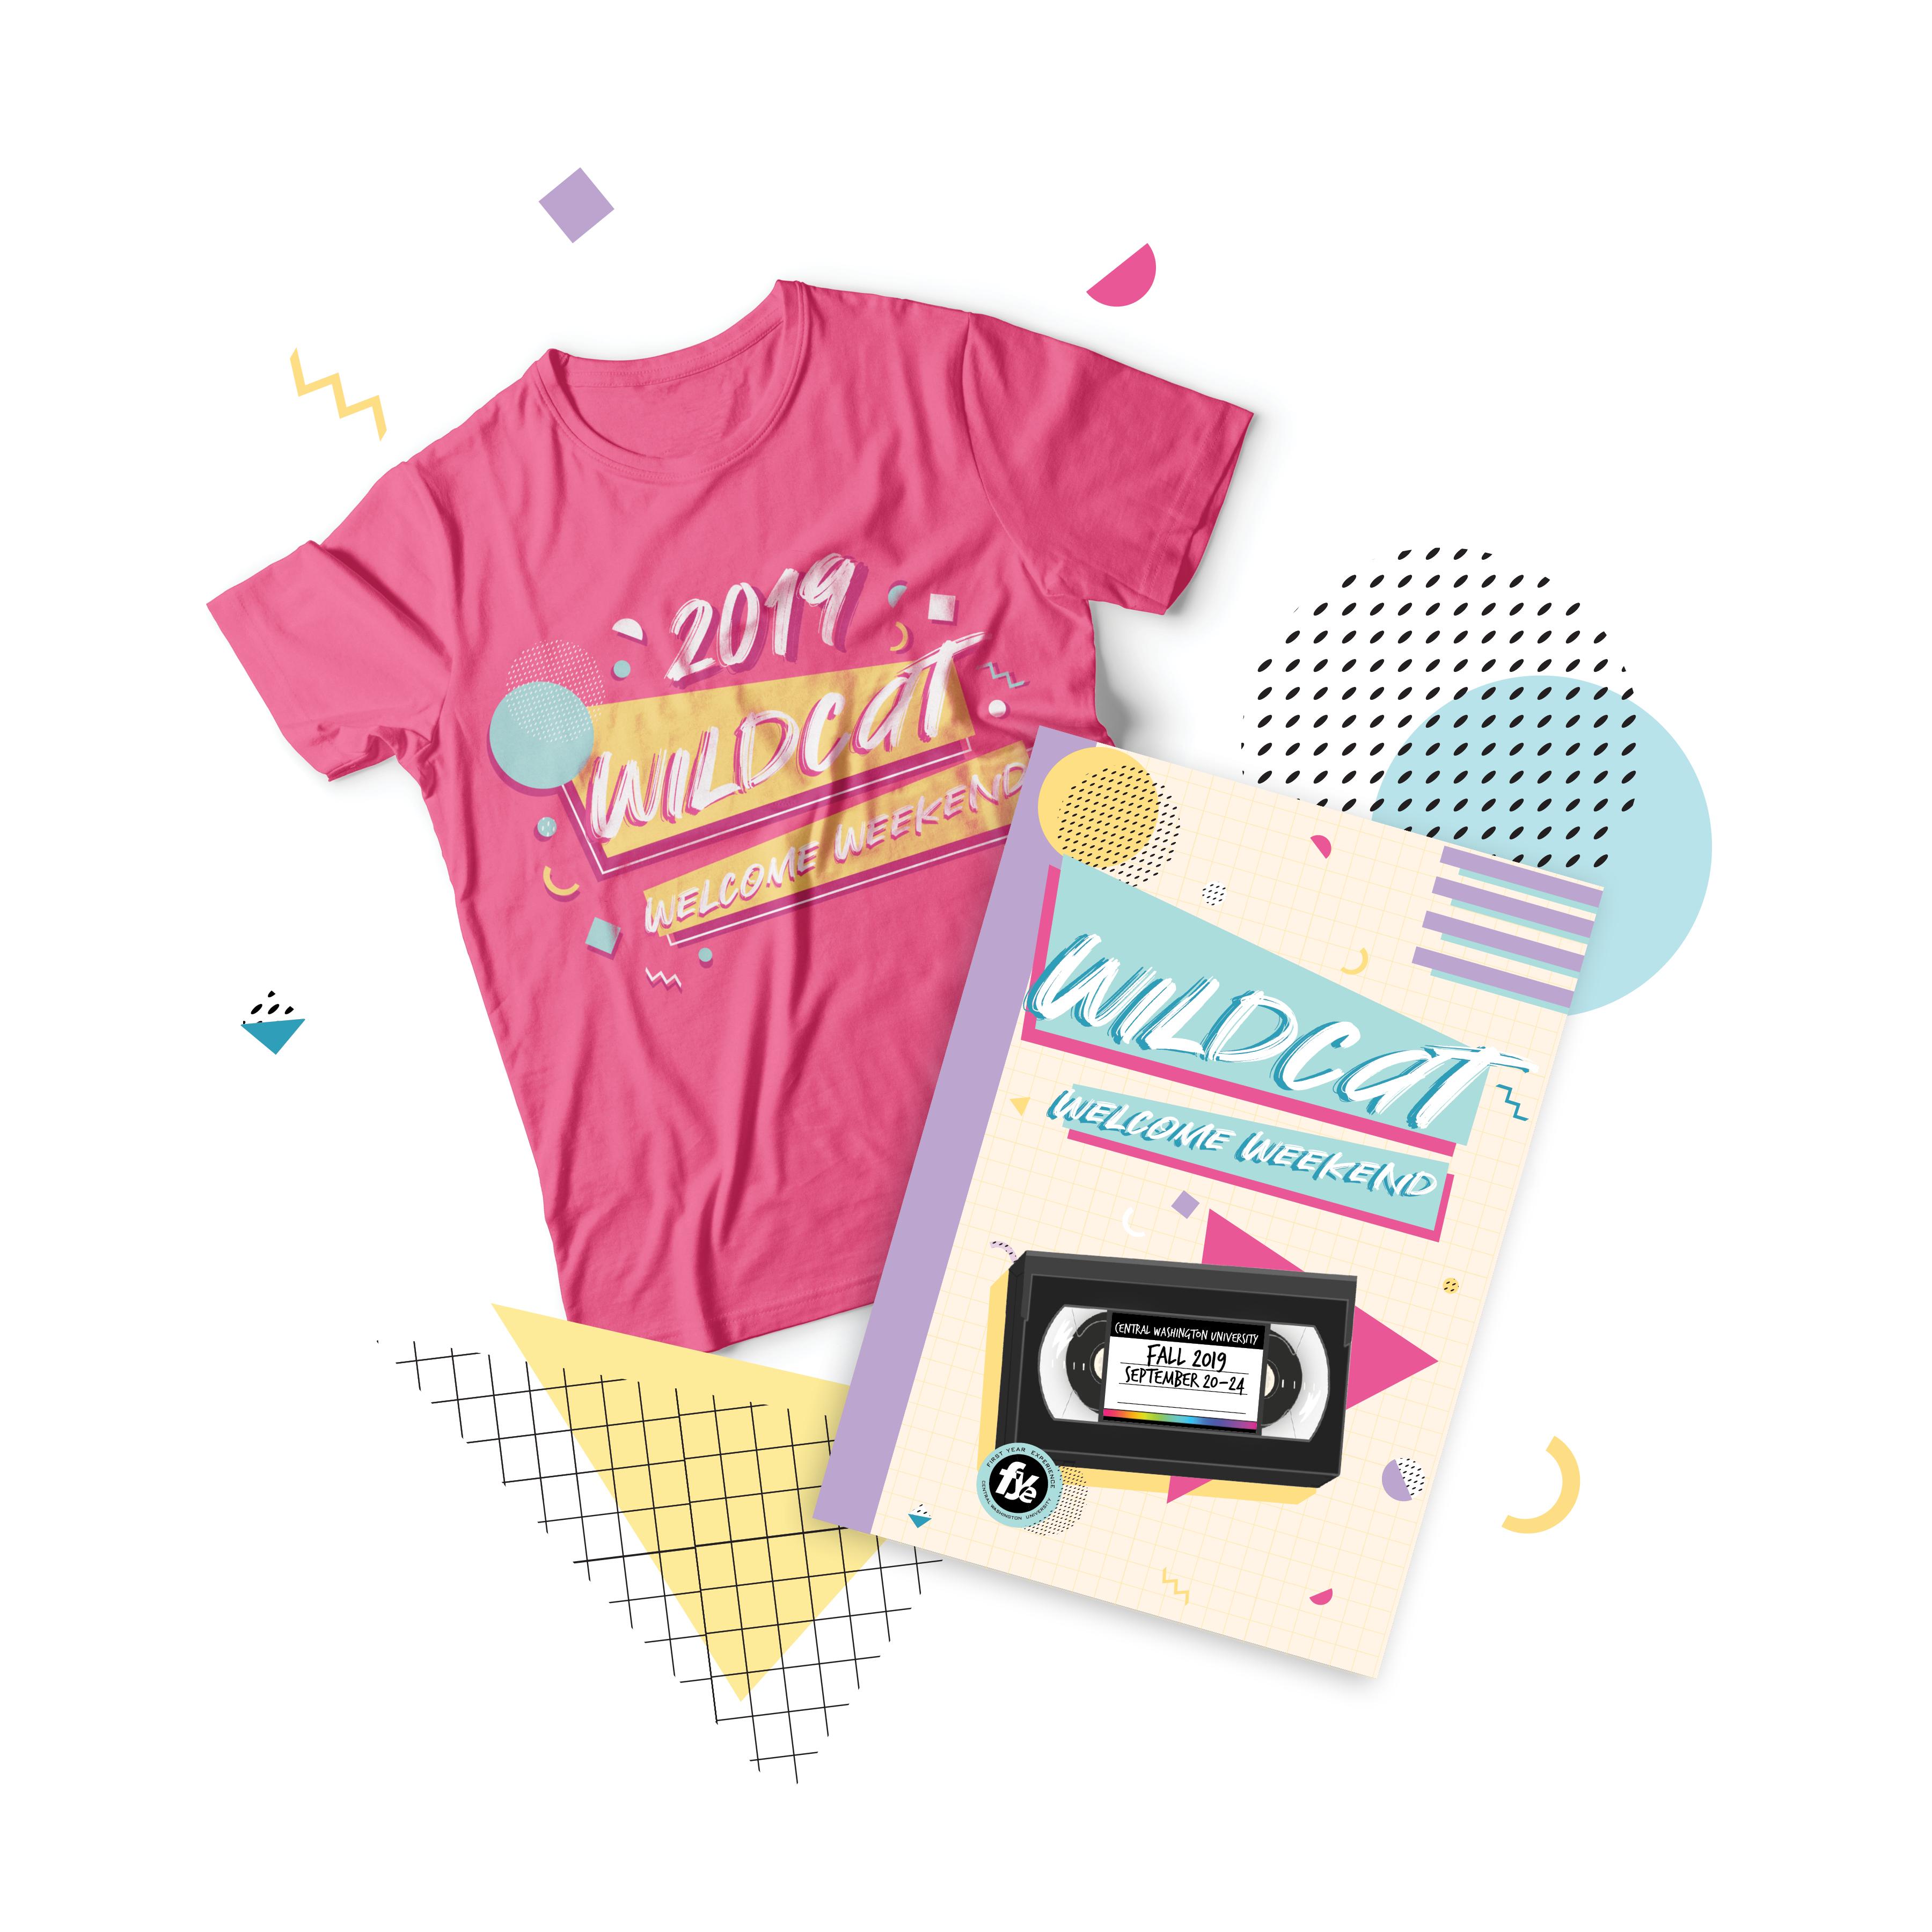 www shirt.jpg